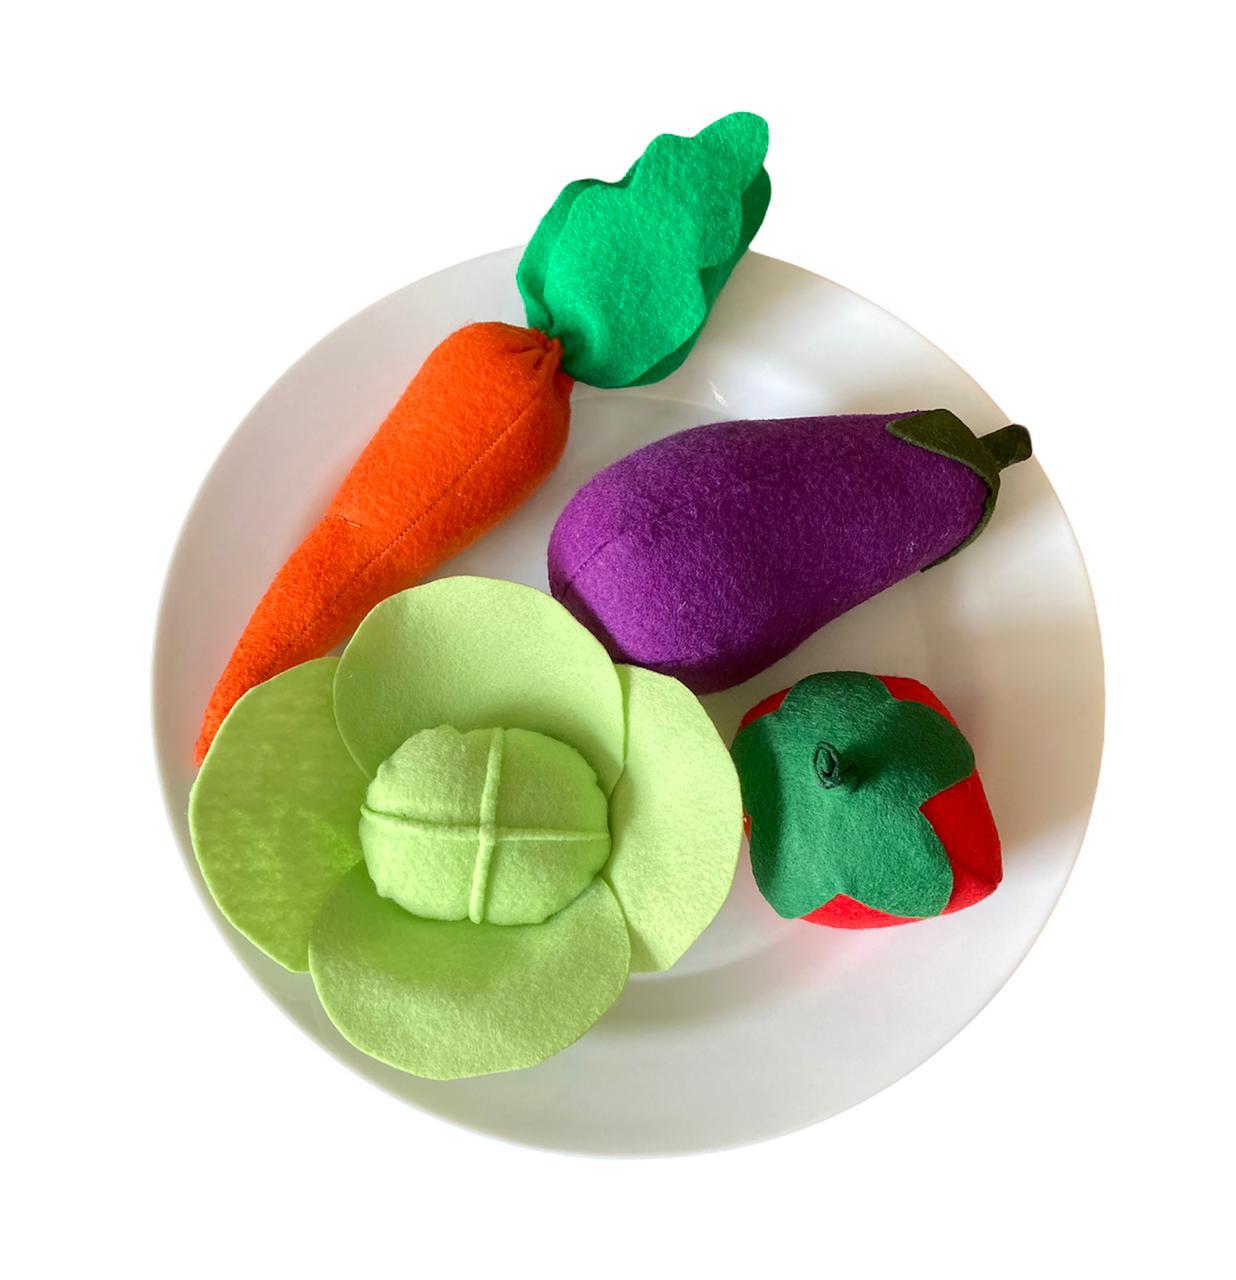 Comidinhas de Feltro - Legumes e Verduras